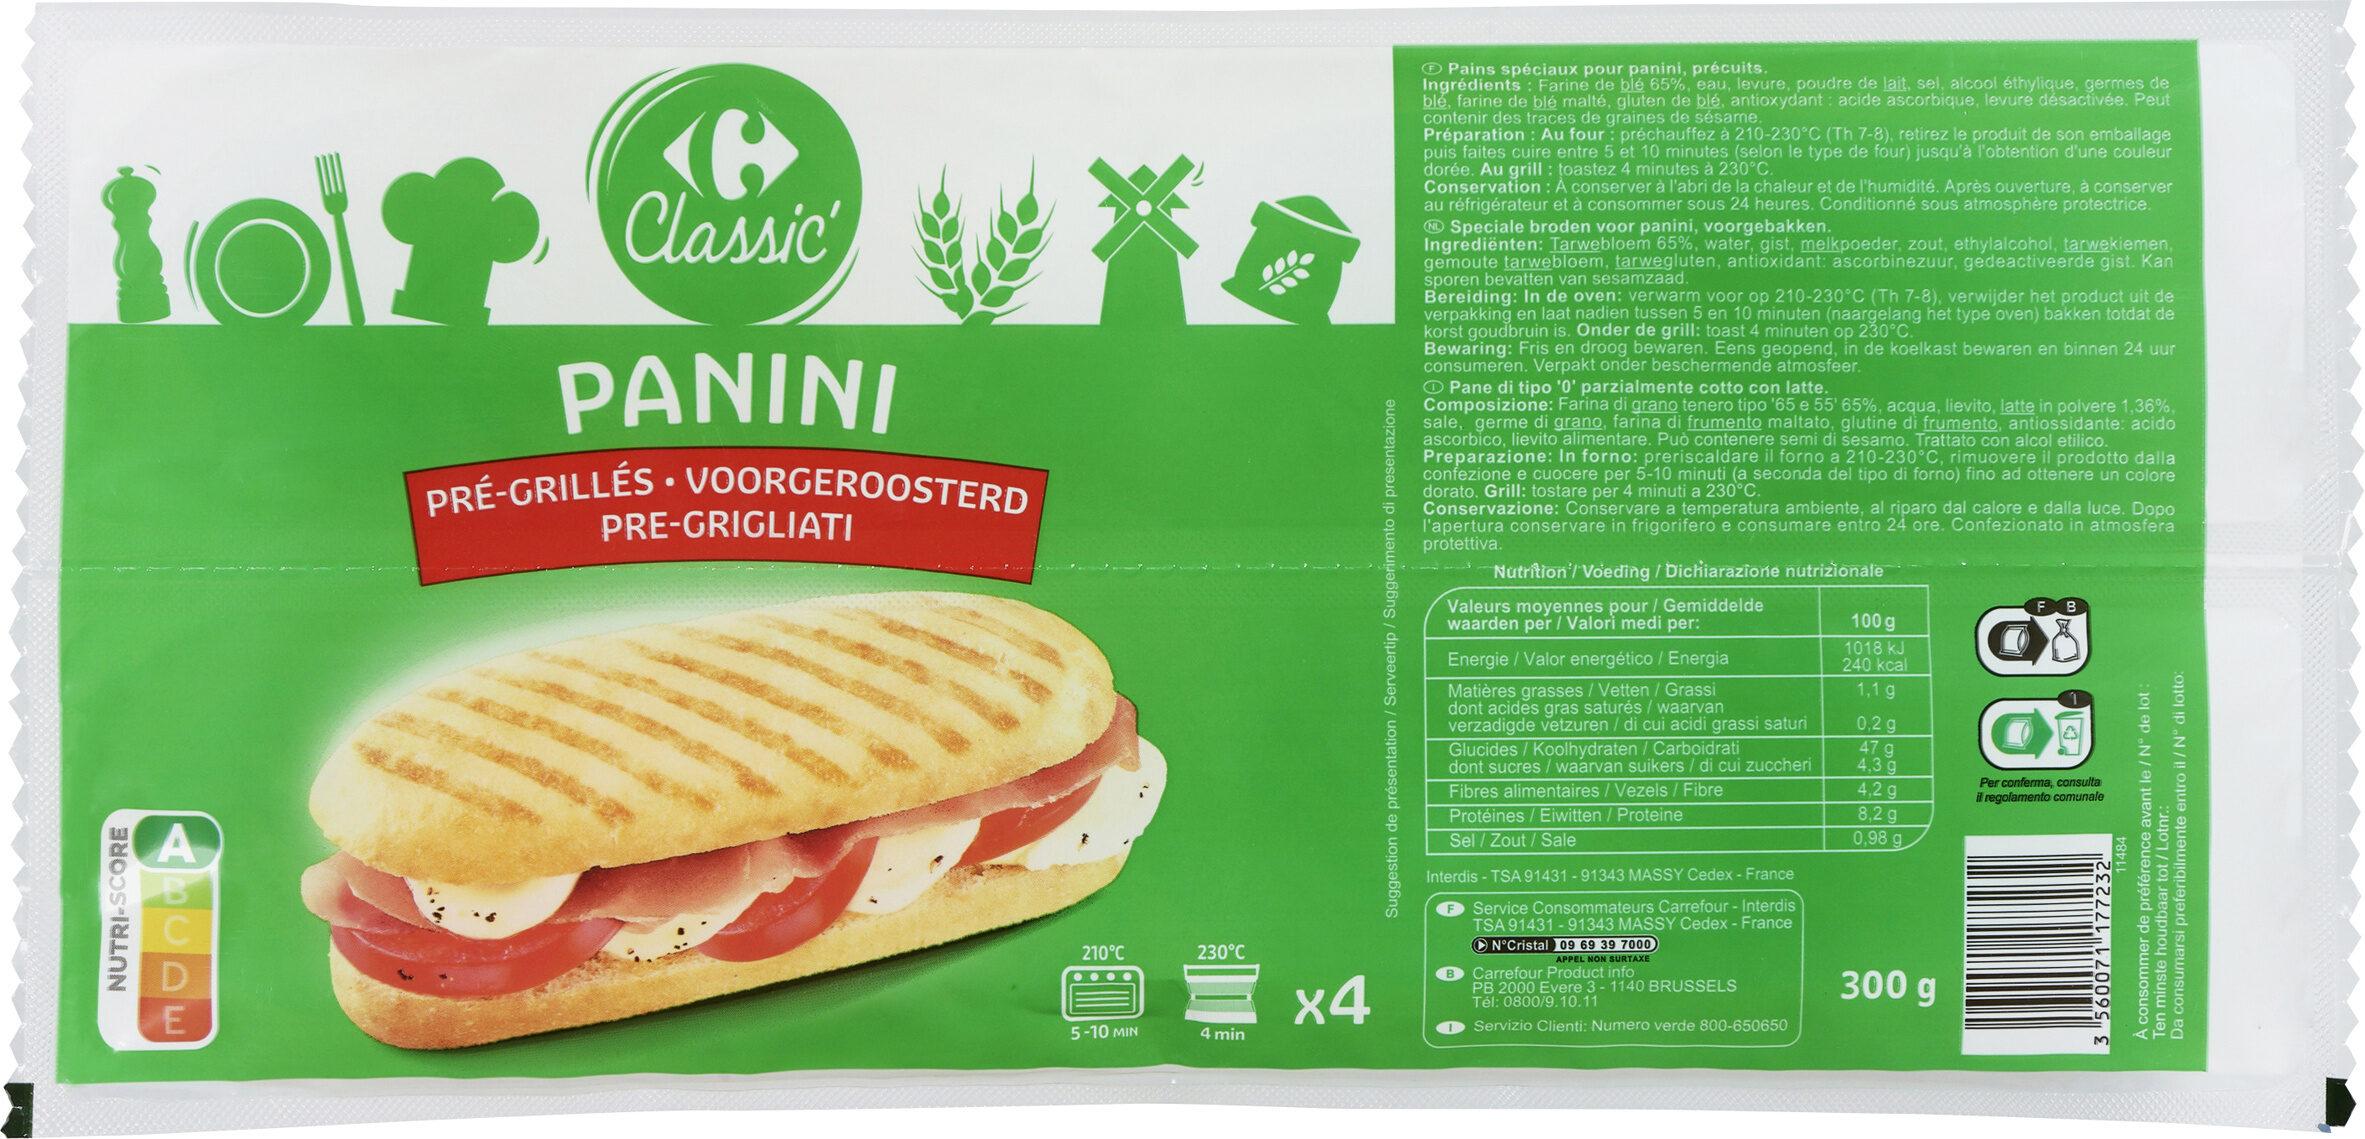 Pains panini pré grillés - Product - fr